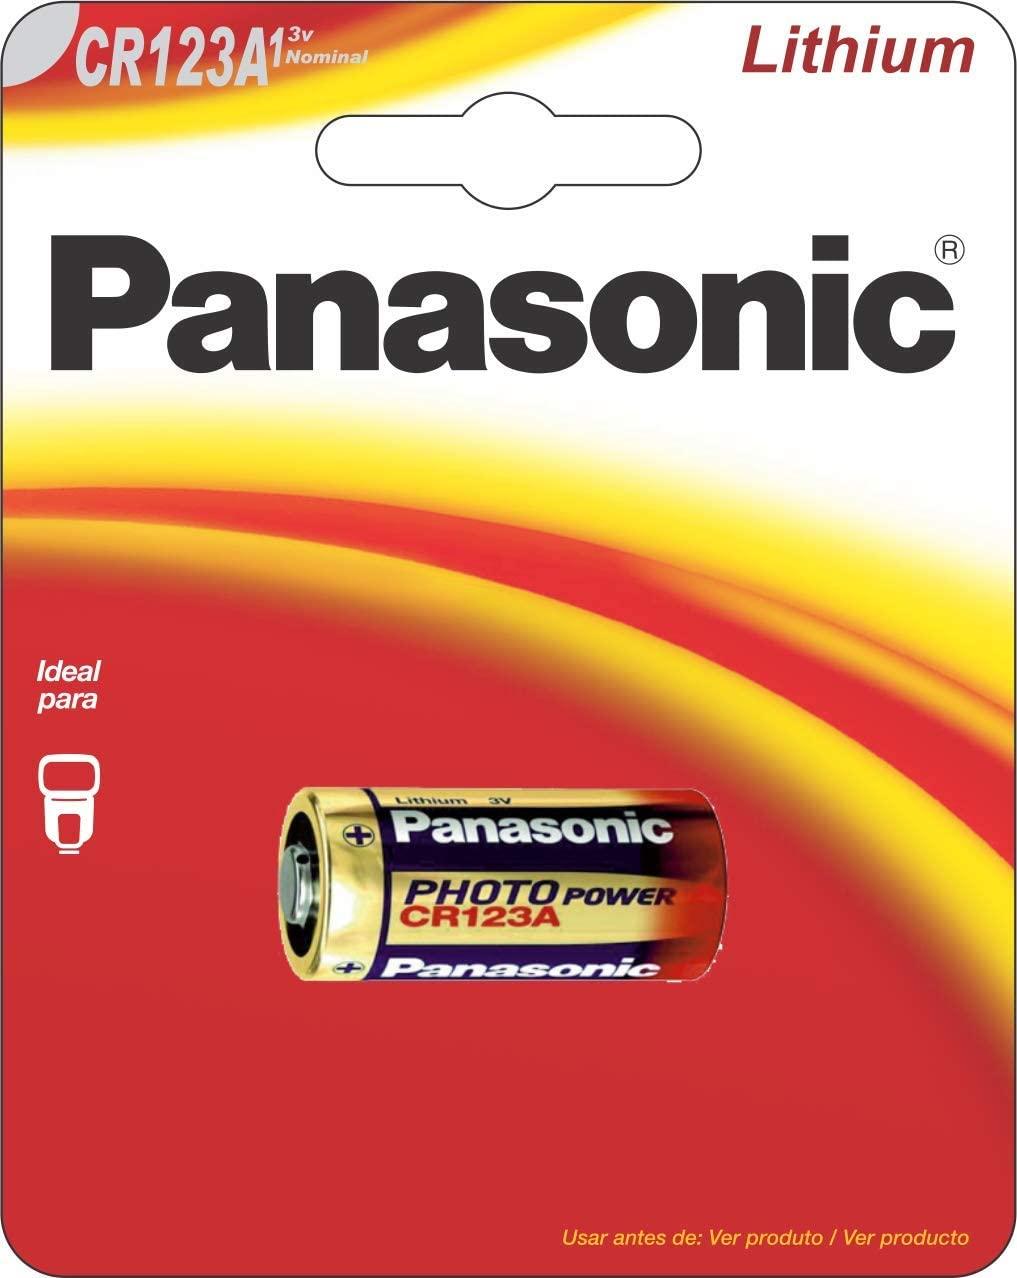 12 Pilhas PANASONIC CR123A 3V Bateria Lithium 12 cartelas